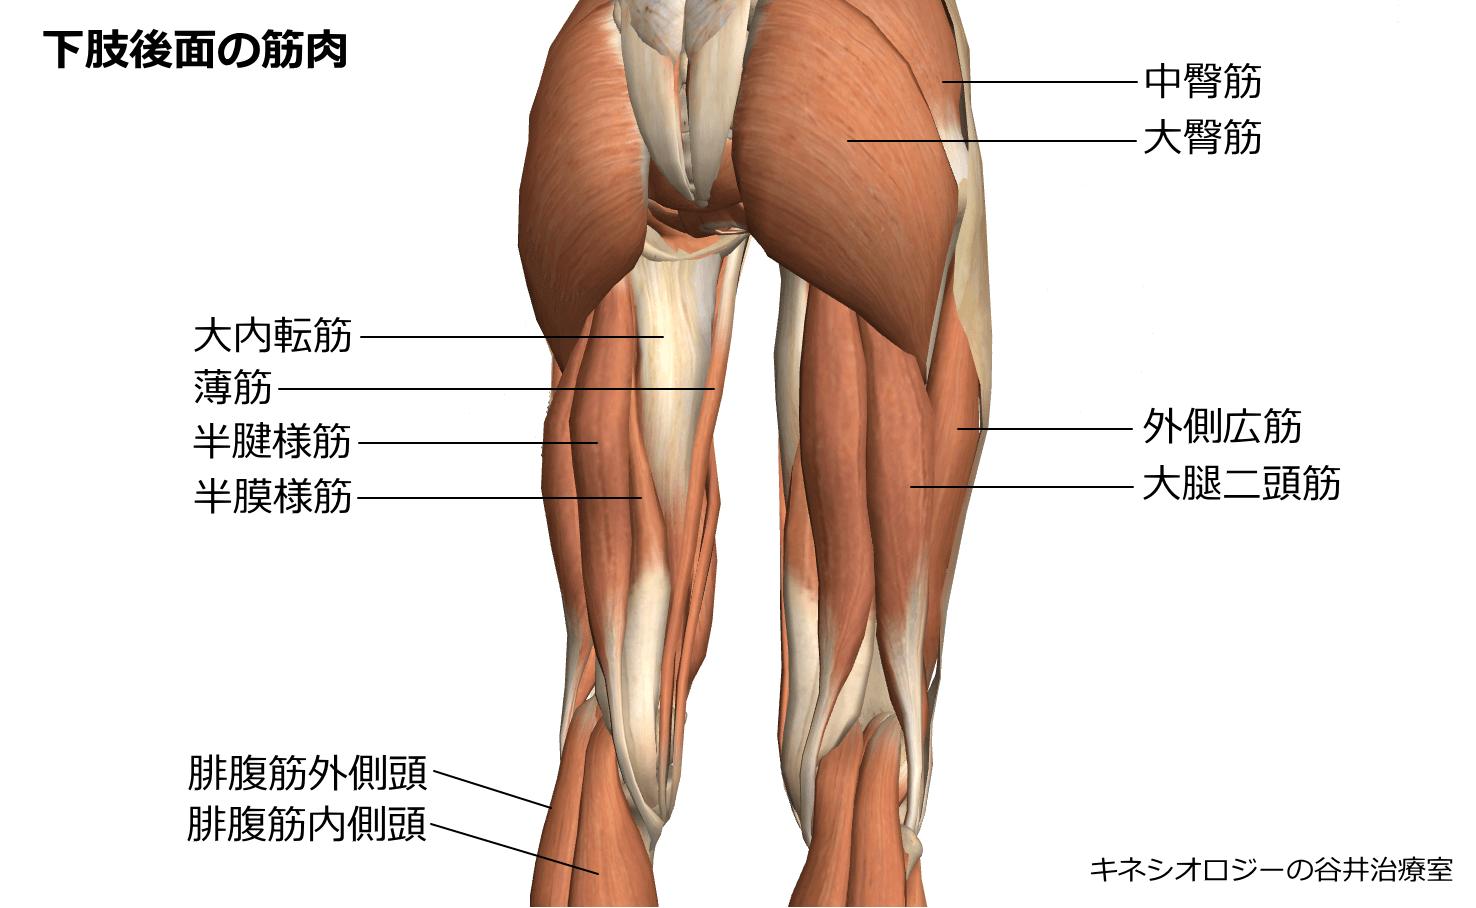 下肢後面筋肉